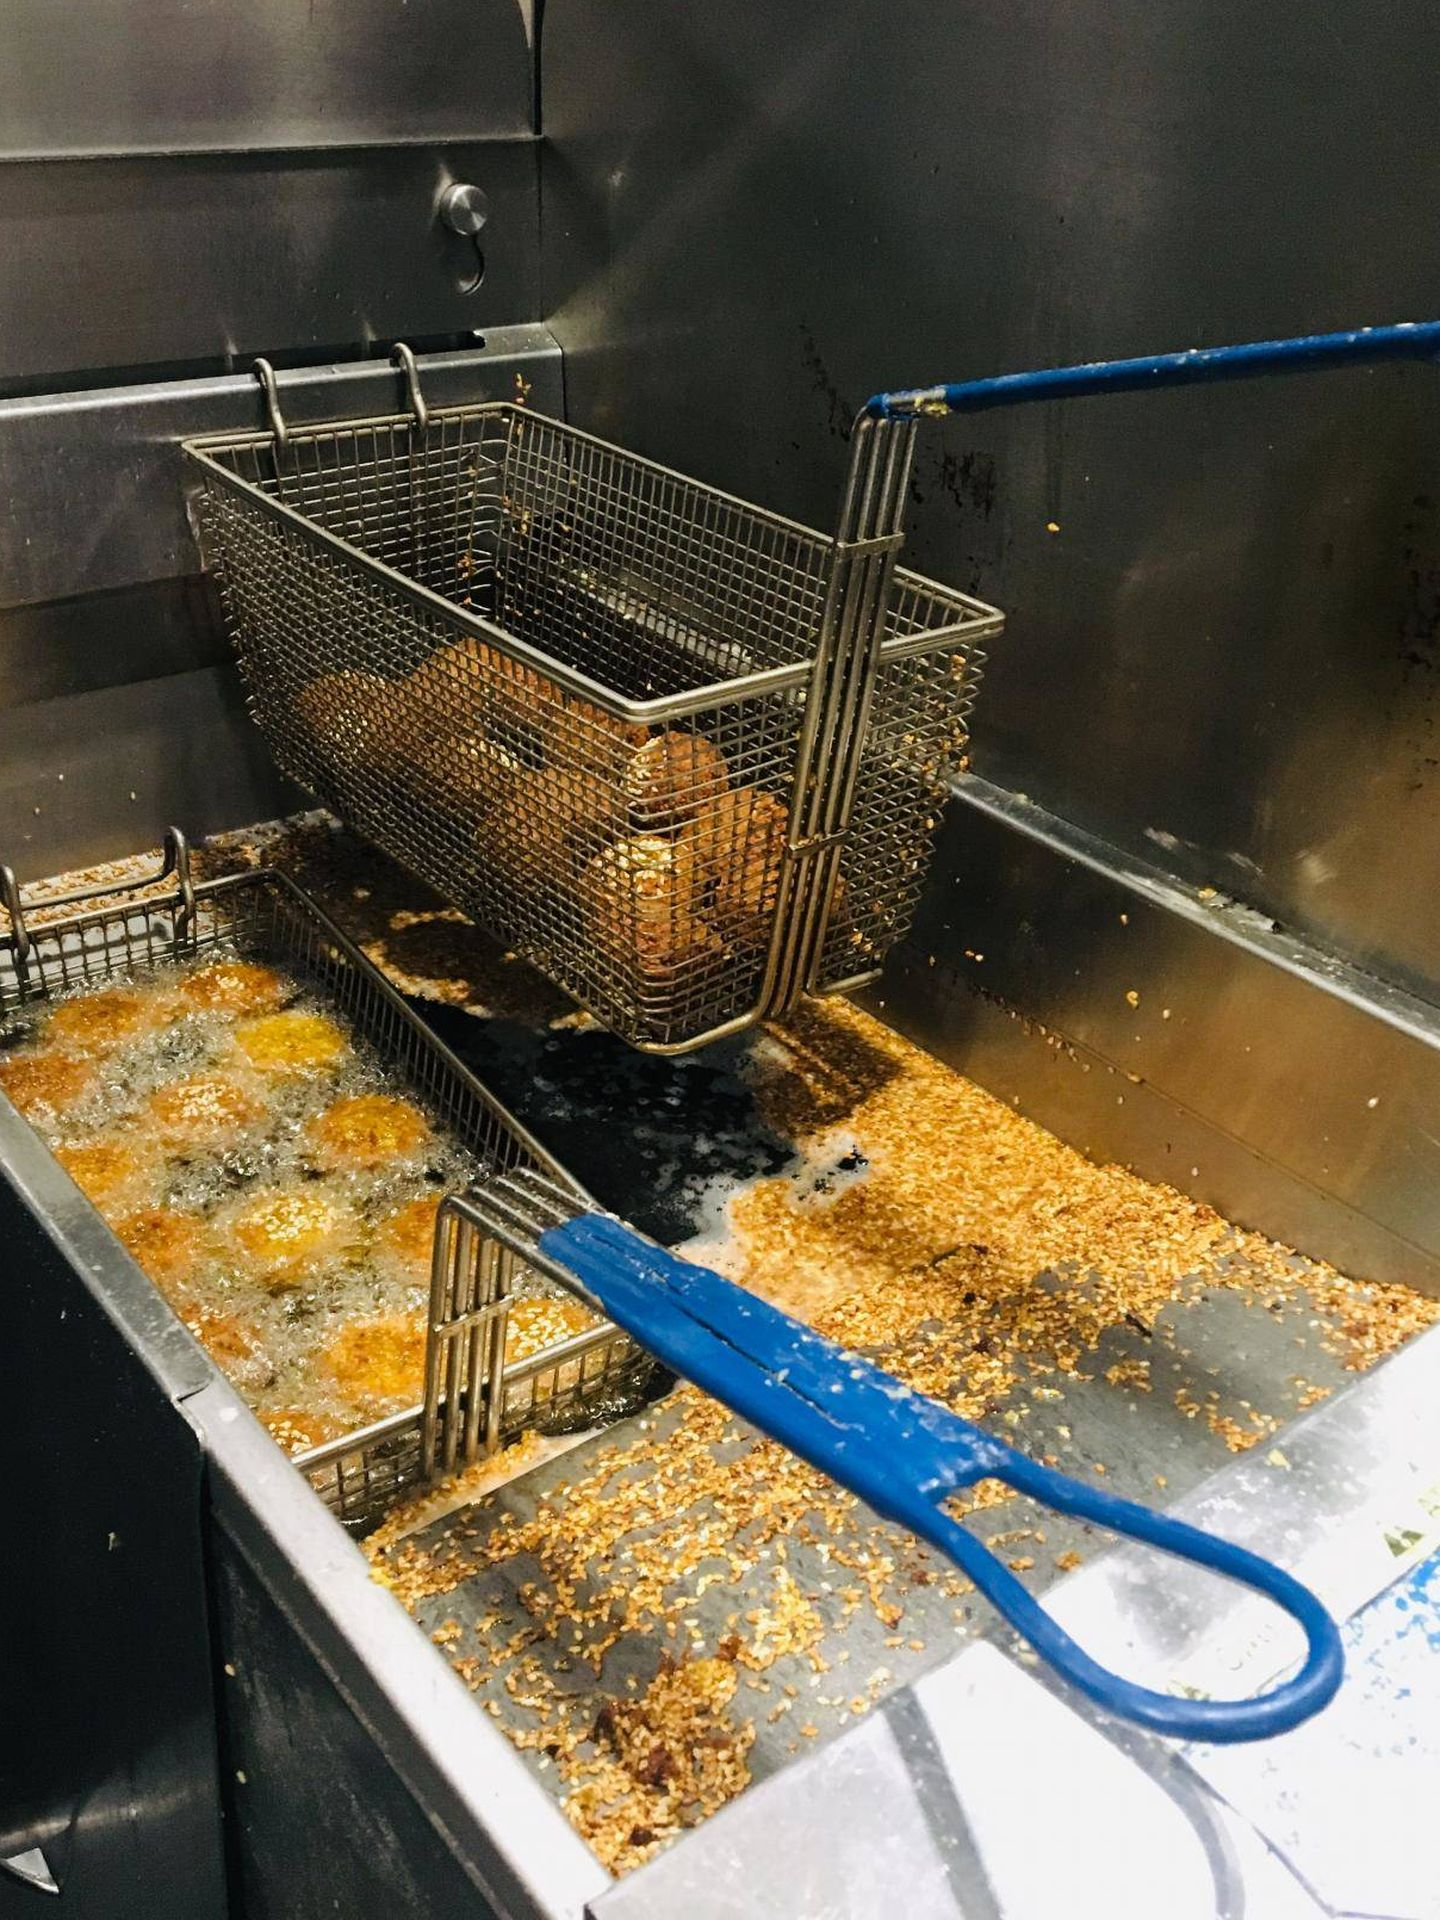 El proceso de obtención del aceite de fritura. (UMass Amherst)